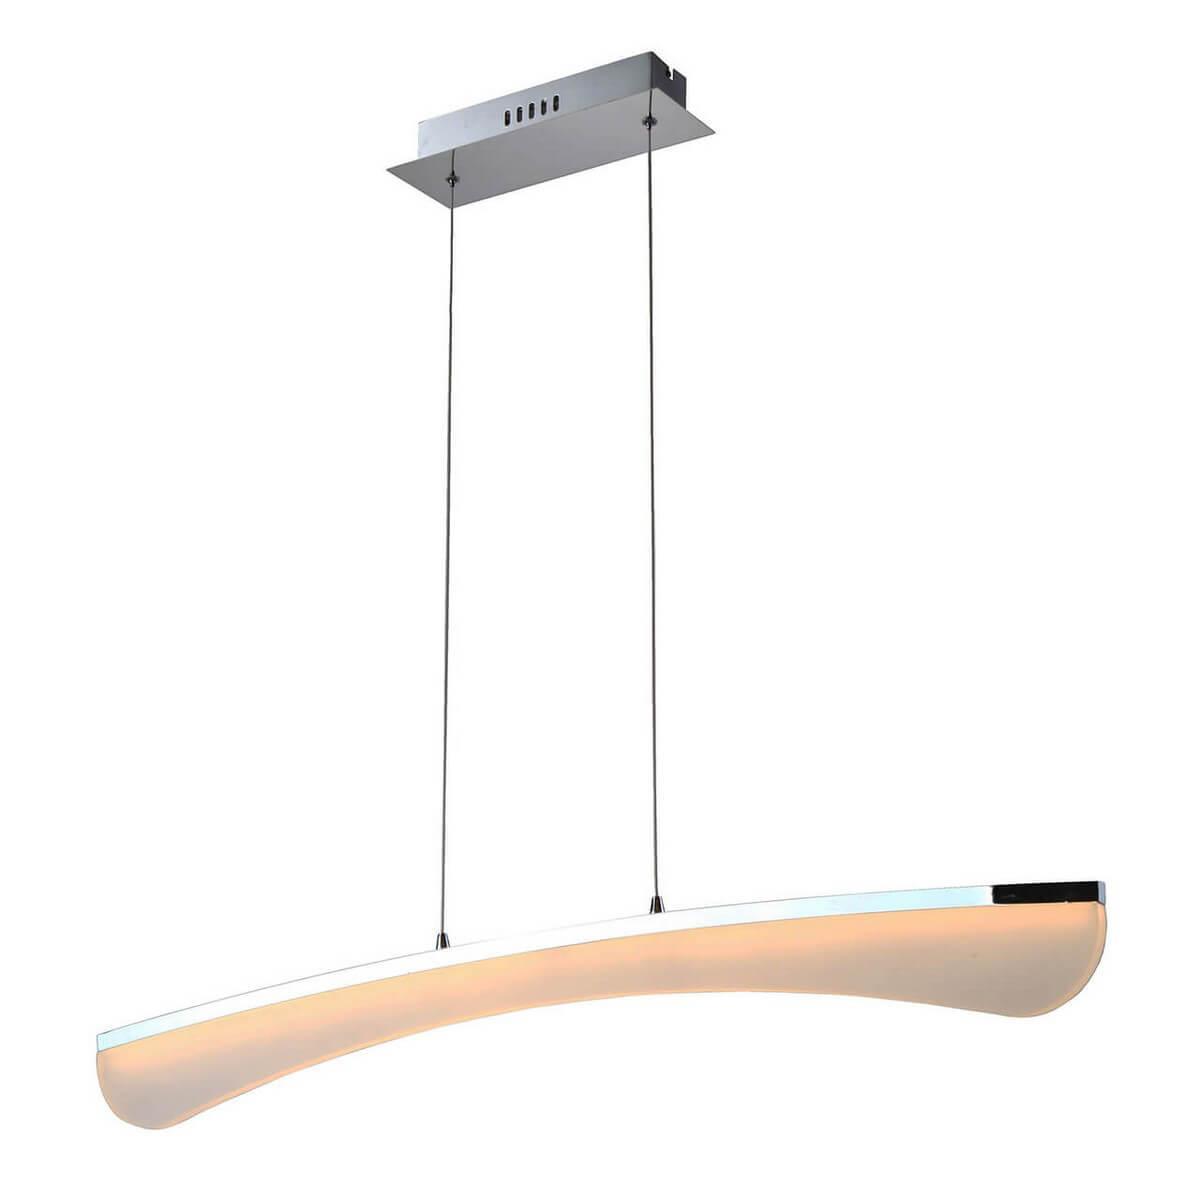 Подвесной светильник Kink Light 08000, LED, 20 Вт kink light подвесной светодиодный светильник kink light парете 08725 2